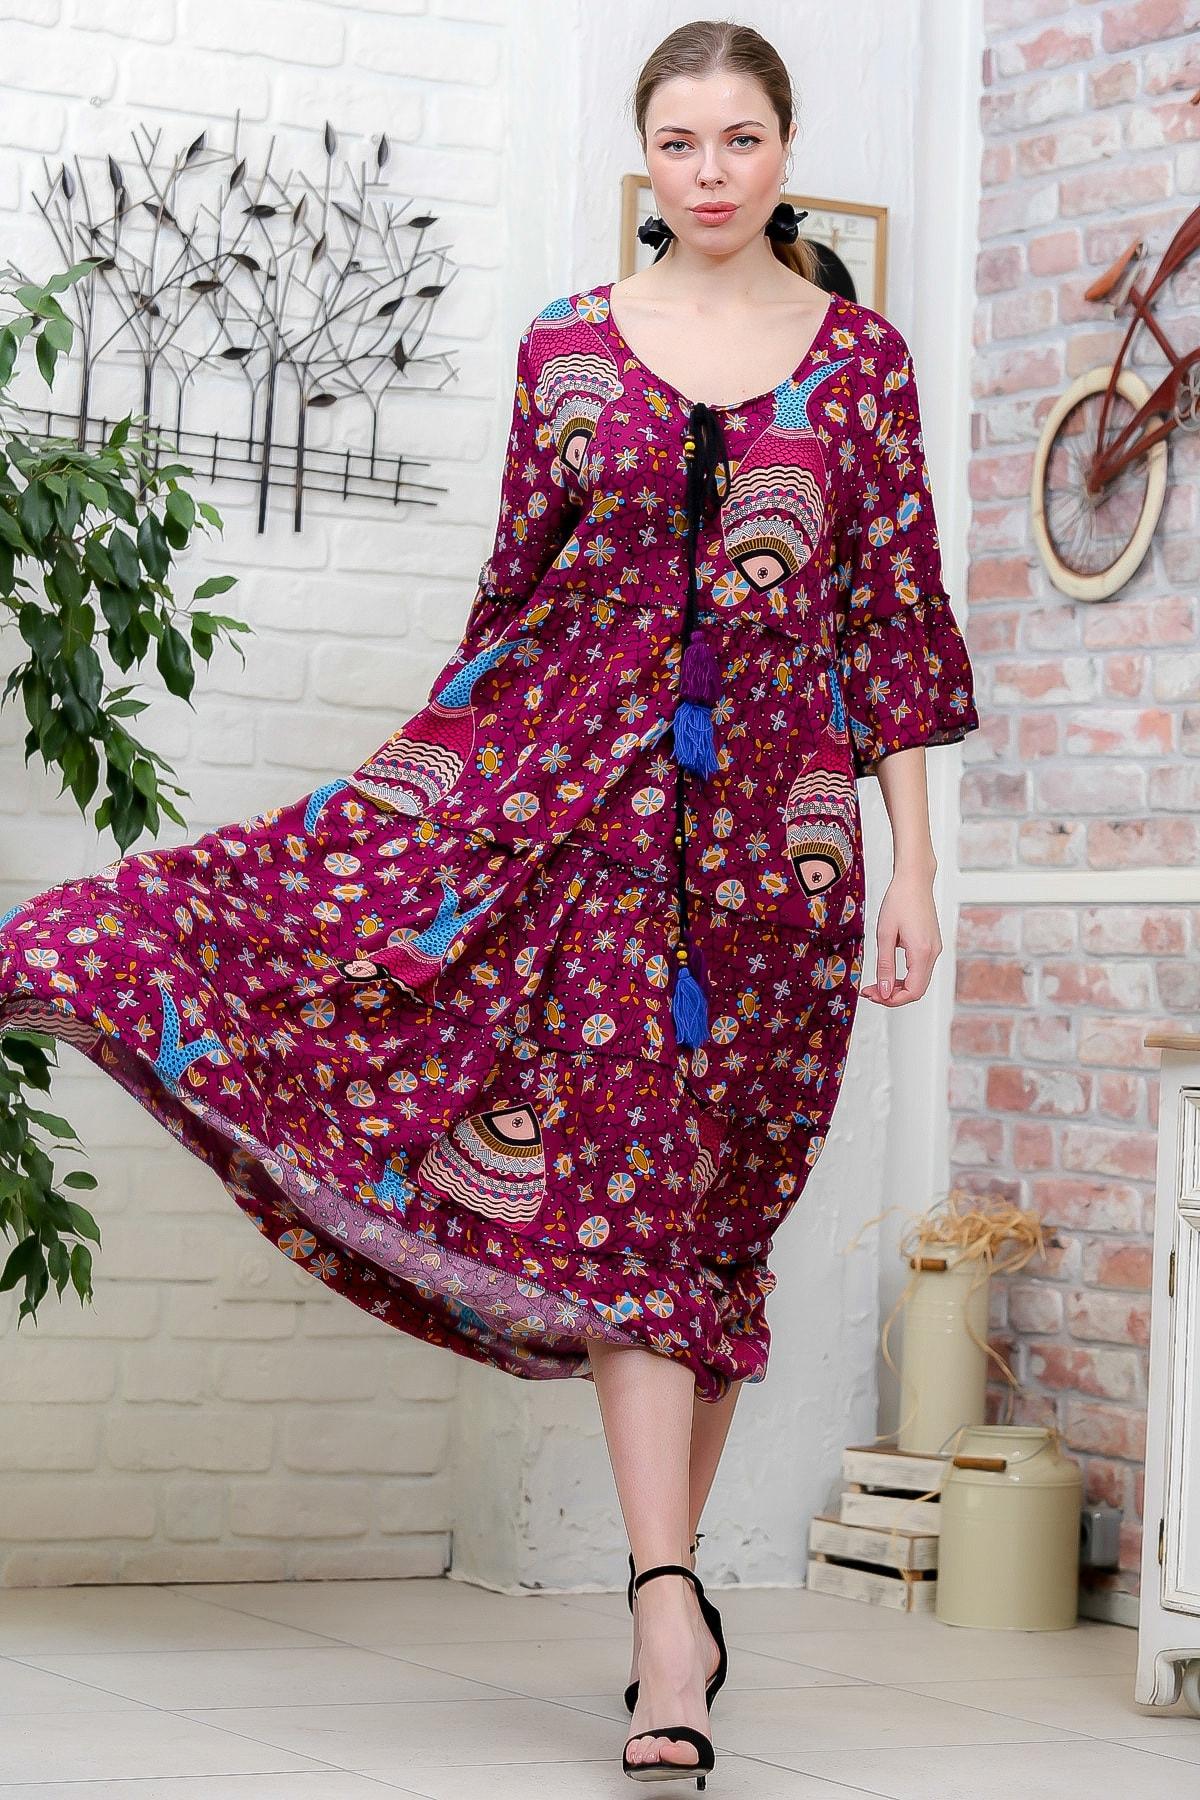 Chiccy Kadın Fuşya Çini Balık Desenli Püskül Bağcıklı Kat Kat Salaş Uzun Elbise M10160000EL95629